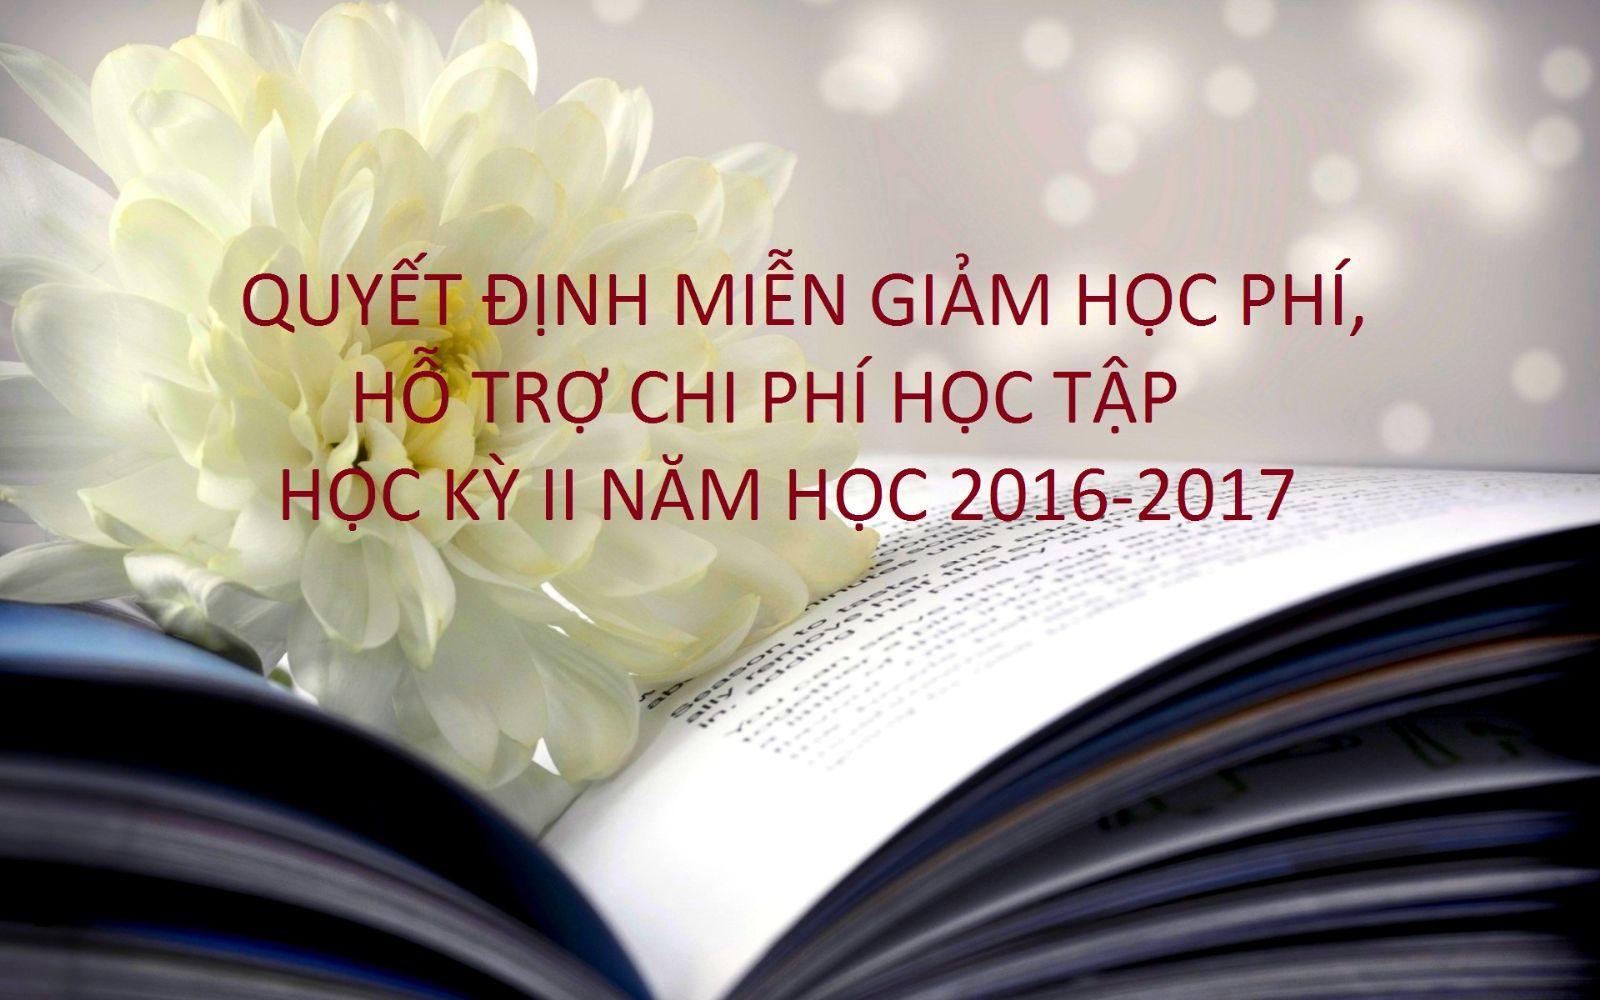 Quyết định miến giảm học phí và chi phí học tập cho sinh viên học kỳ II năm học 2016-2017